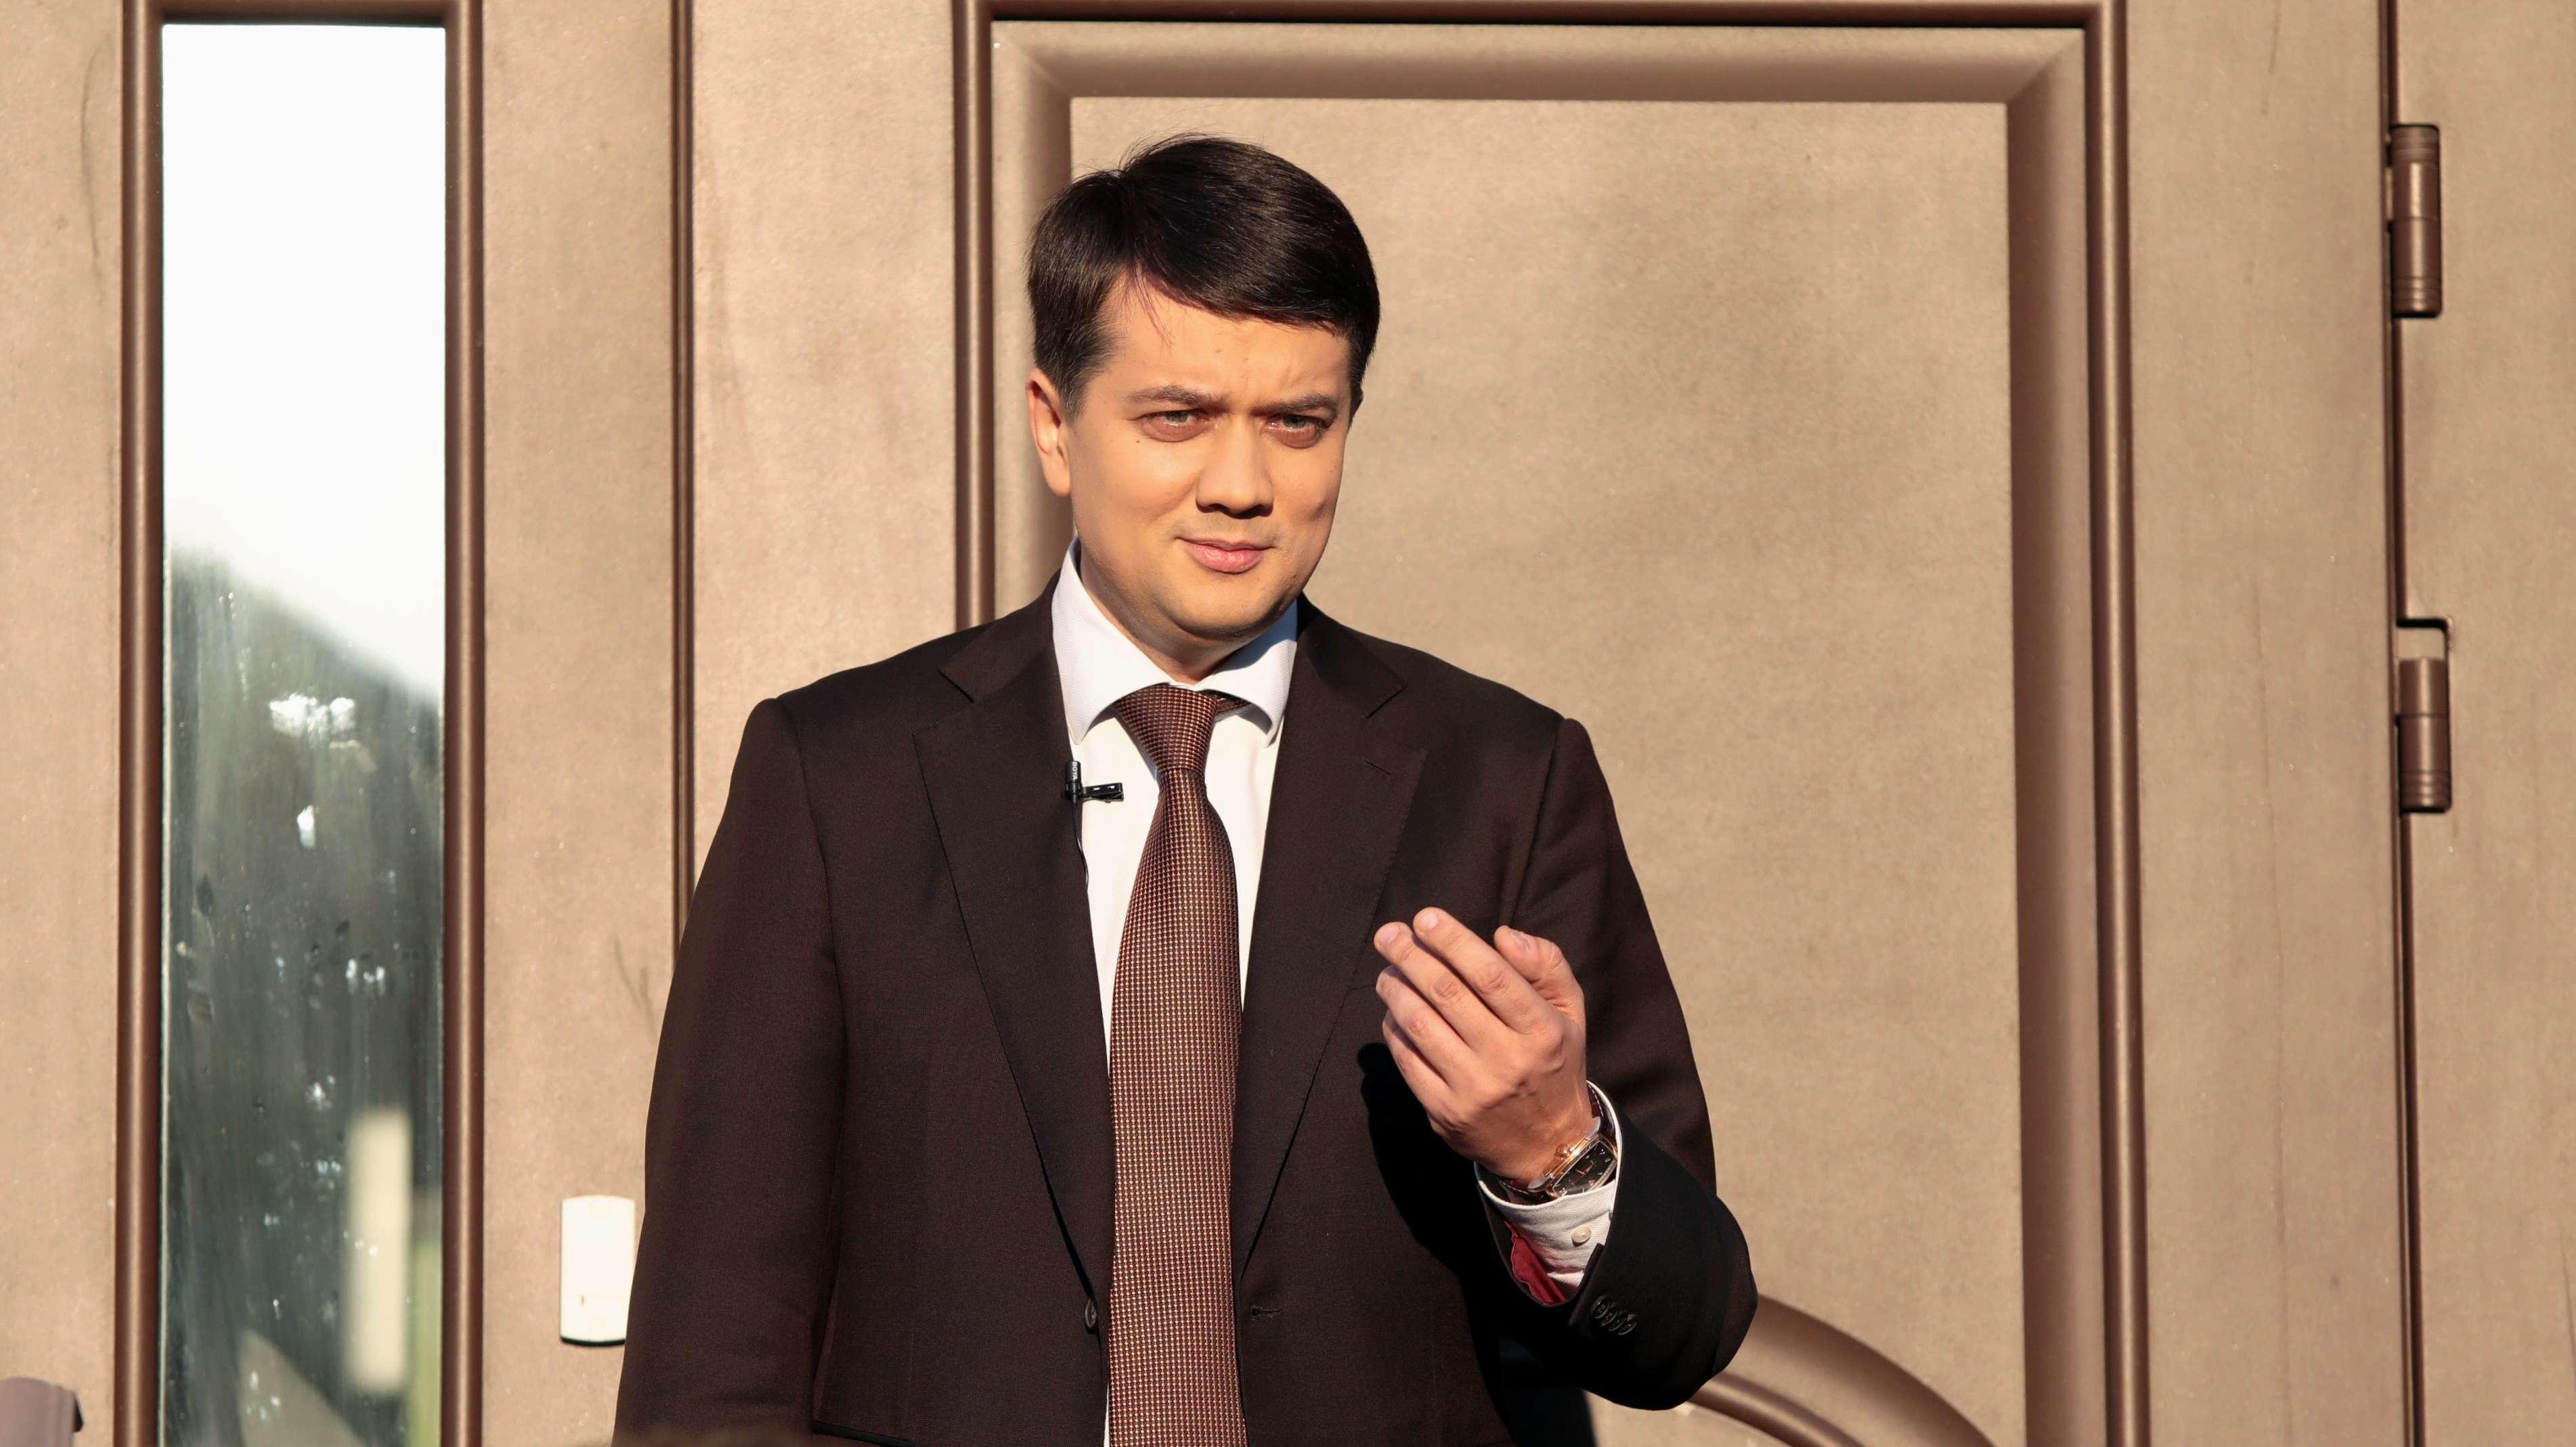 Wladimir Selenskij